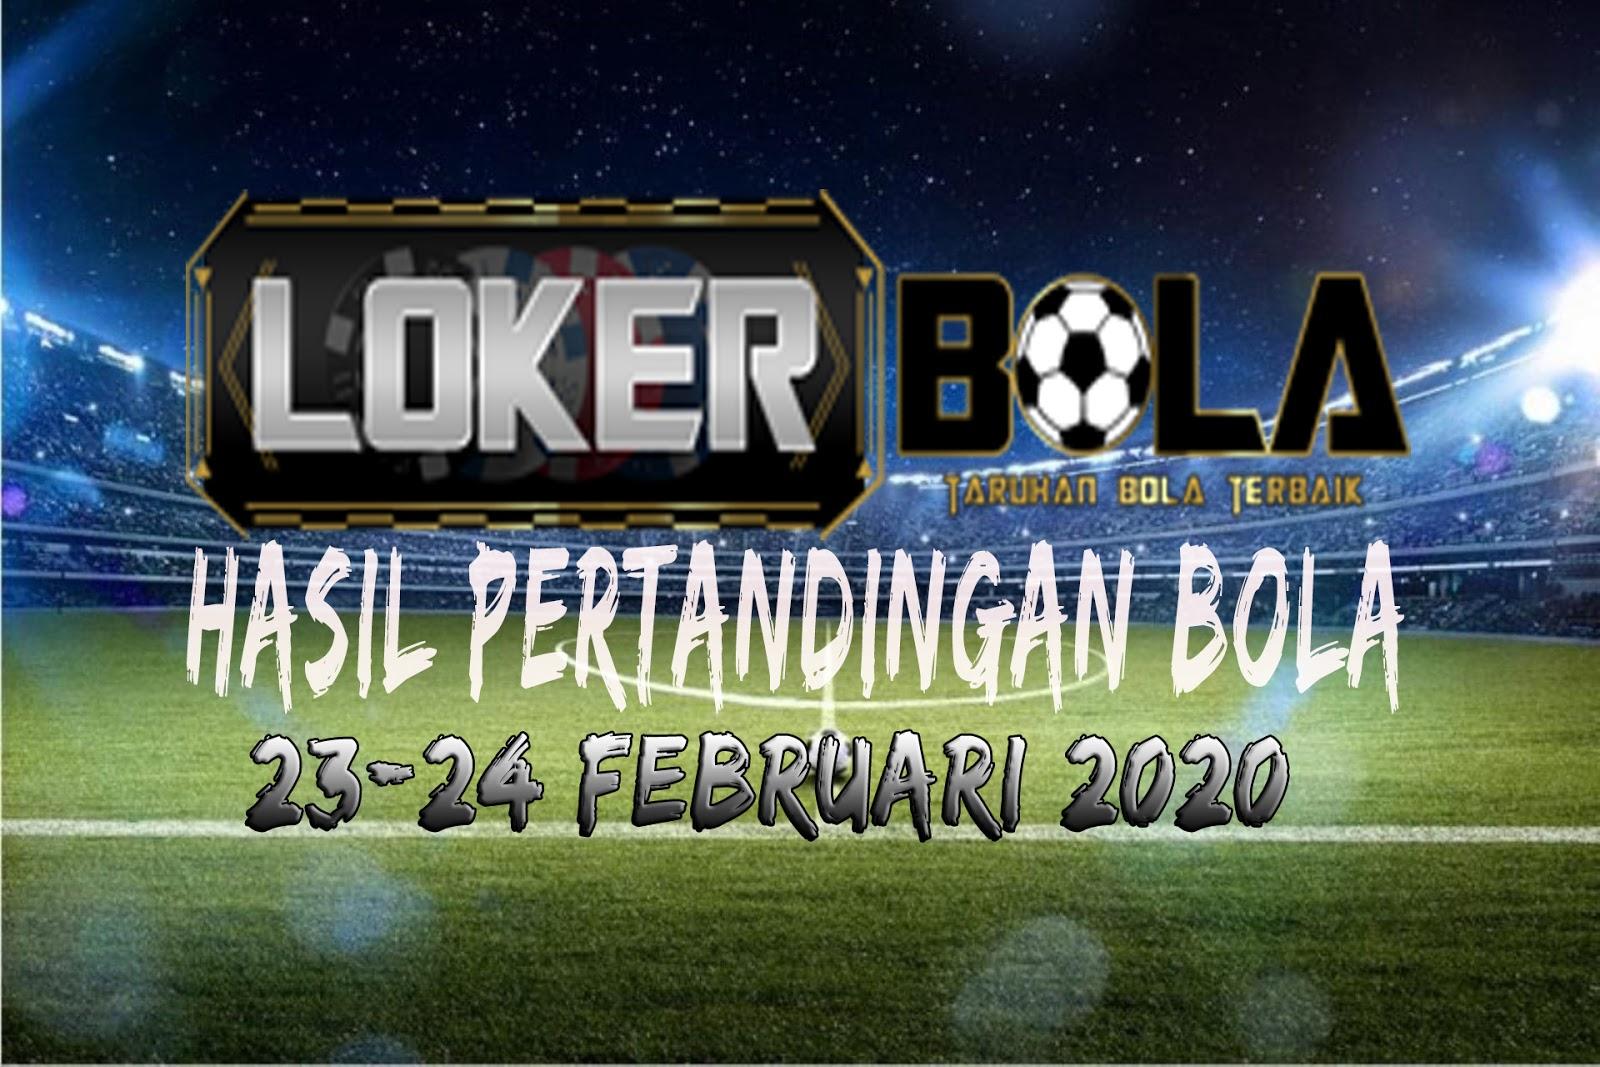 HASIL PERTANDINGAN BOLA 23-24 FEBRUARI 2020